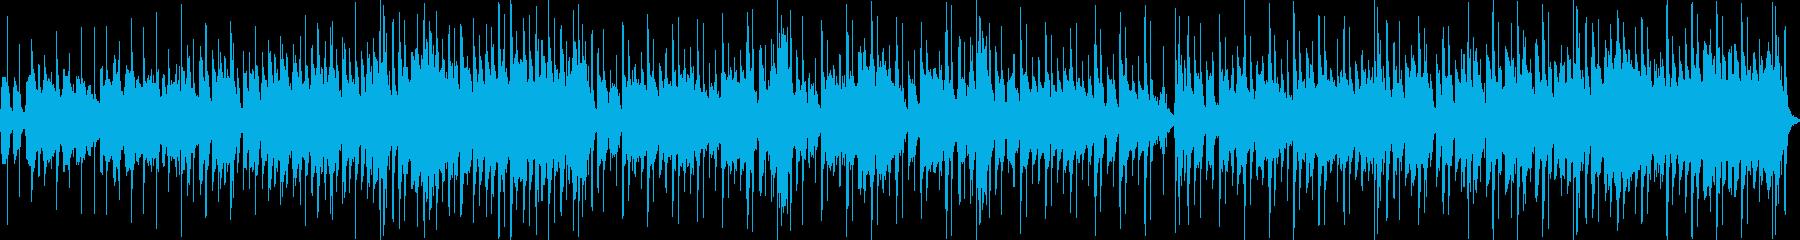 夏祭りの曲の再生済みの波形